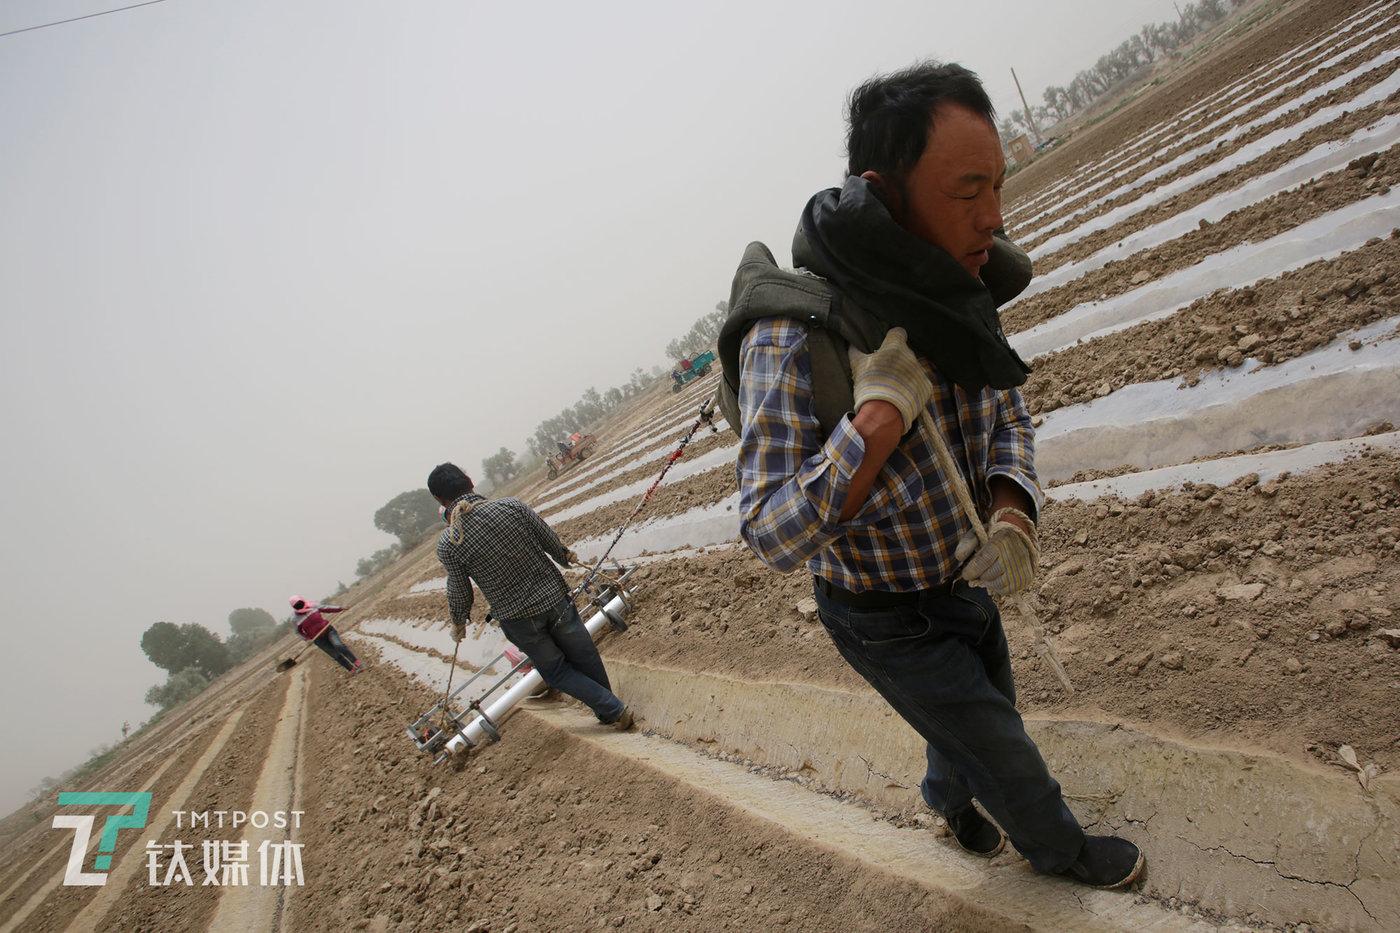 薛家两兄弟一起拉着铺膜的滚筒。他们一共种了80多亩地,干活时两家人不分彼此,按部就班一亩亩地走,一天能完成10亩工作量。